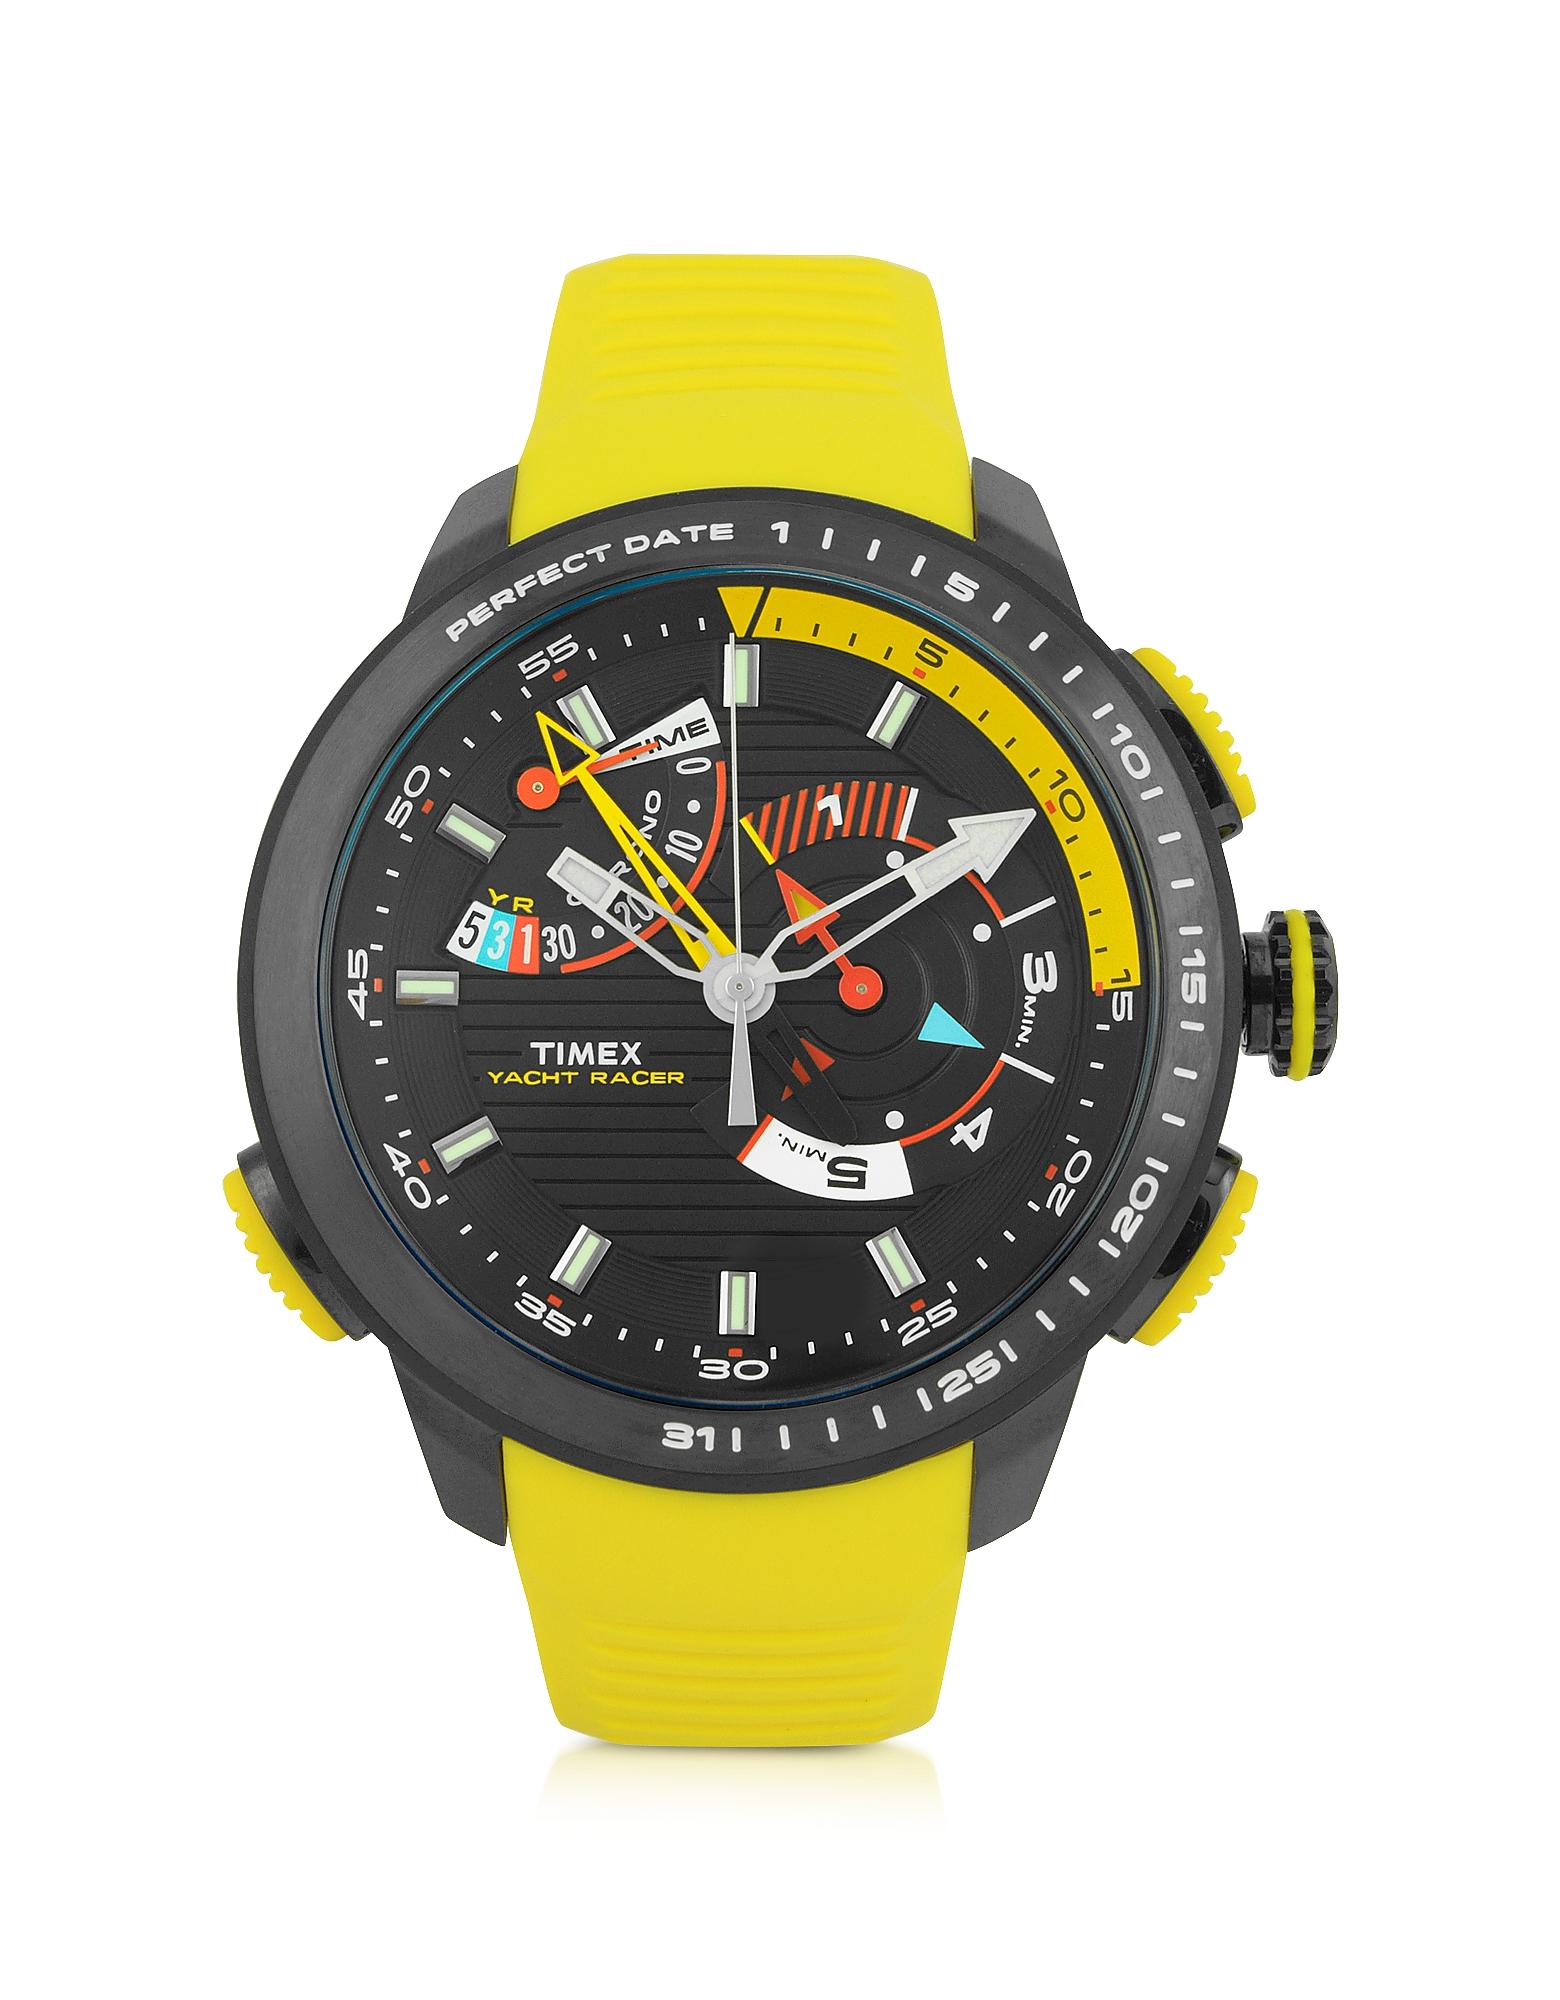 Timex Yacht Racer - Черные Мужские Часы Хронограф с Корпусом из Нержавеющей Стали с Желтым Силиконовым Ремешком